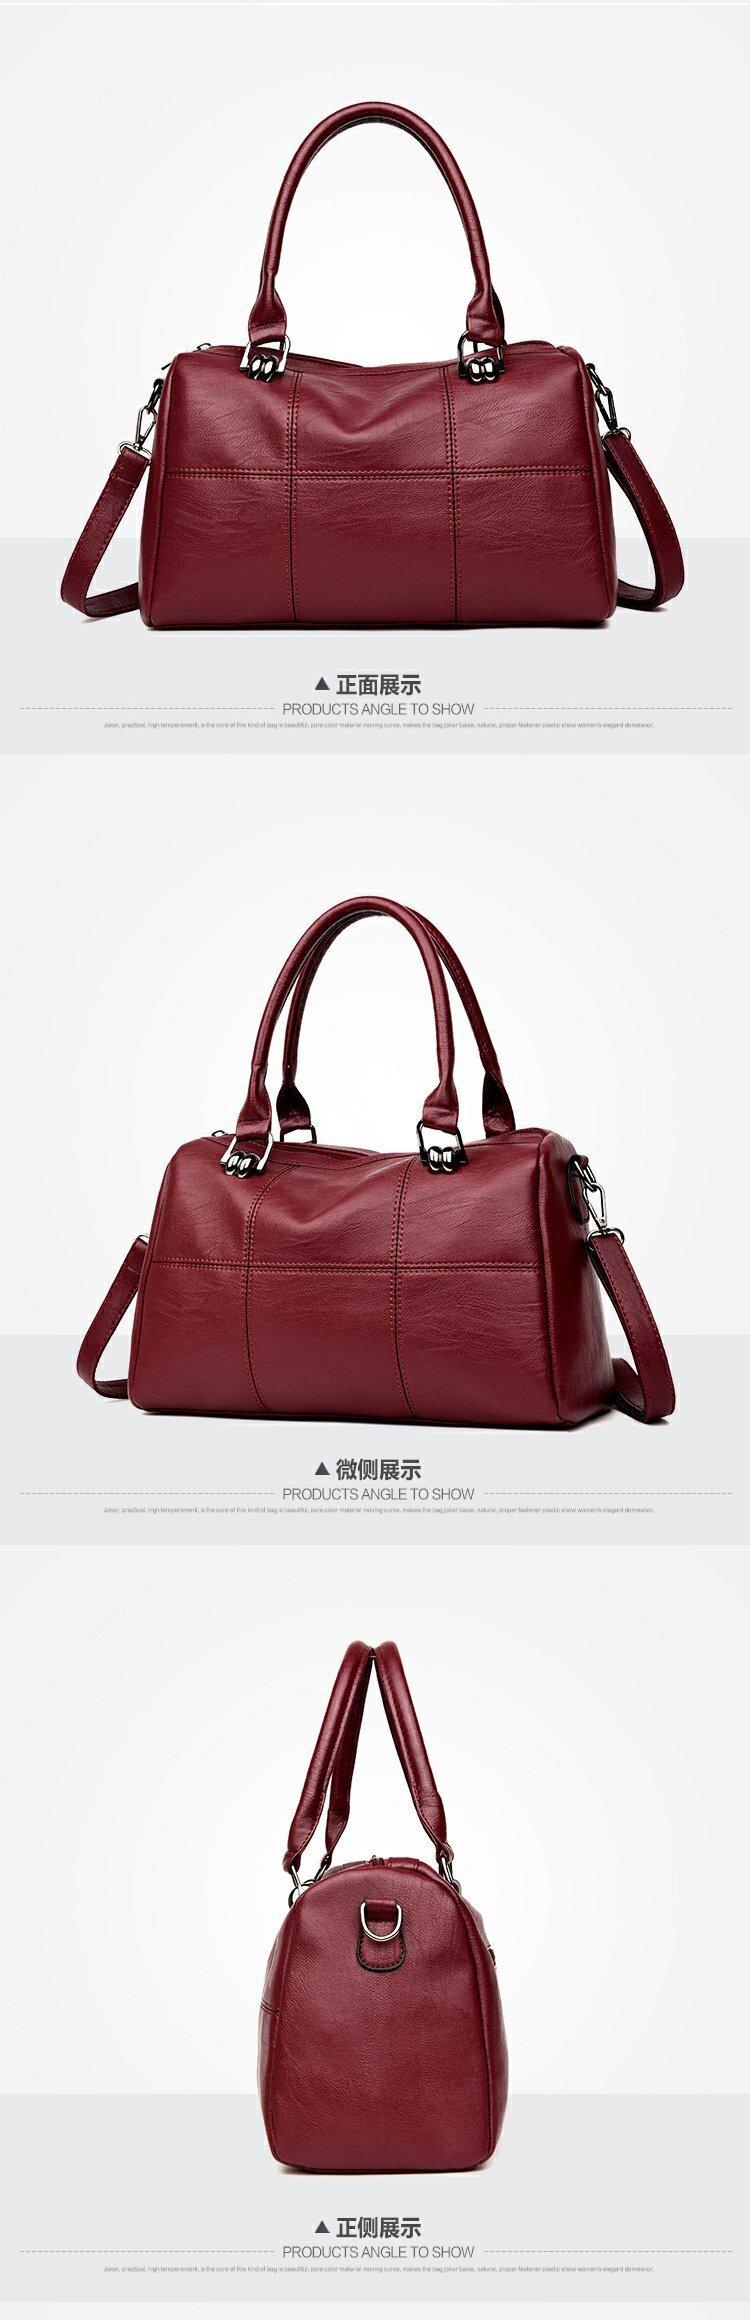 jamie-bag-56253d.jpg